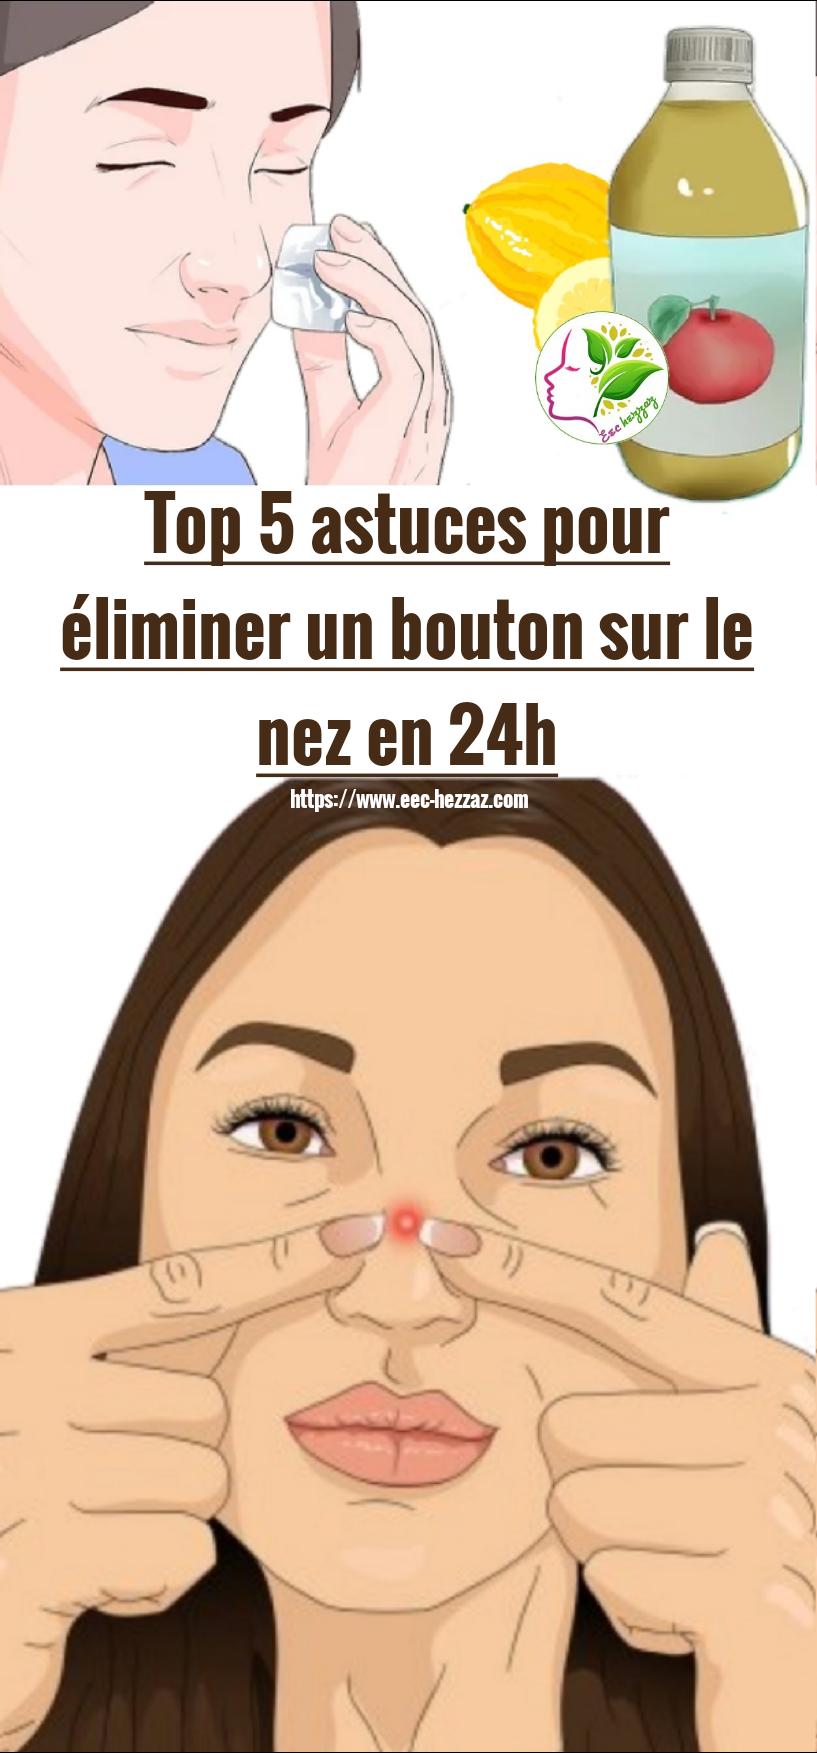 Top 5 astuces pour éliminer un bouton sur le nez en 24h